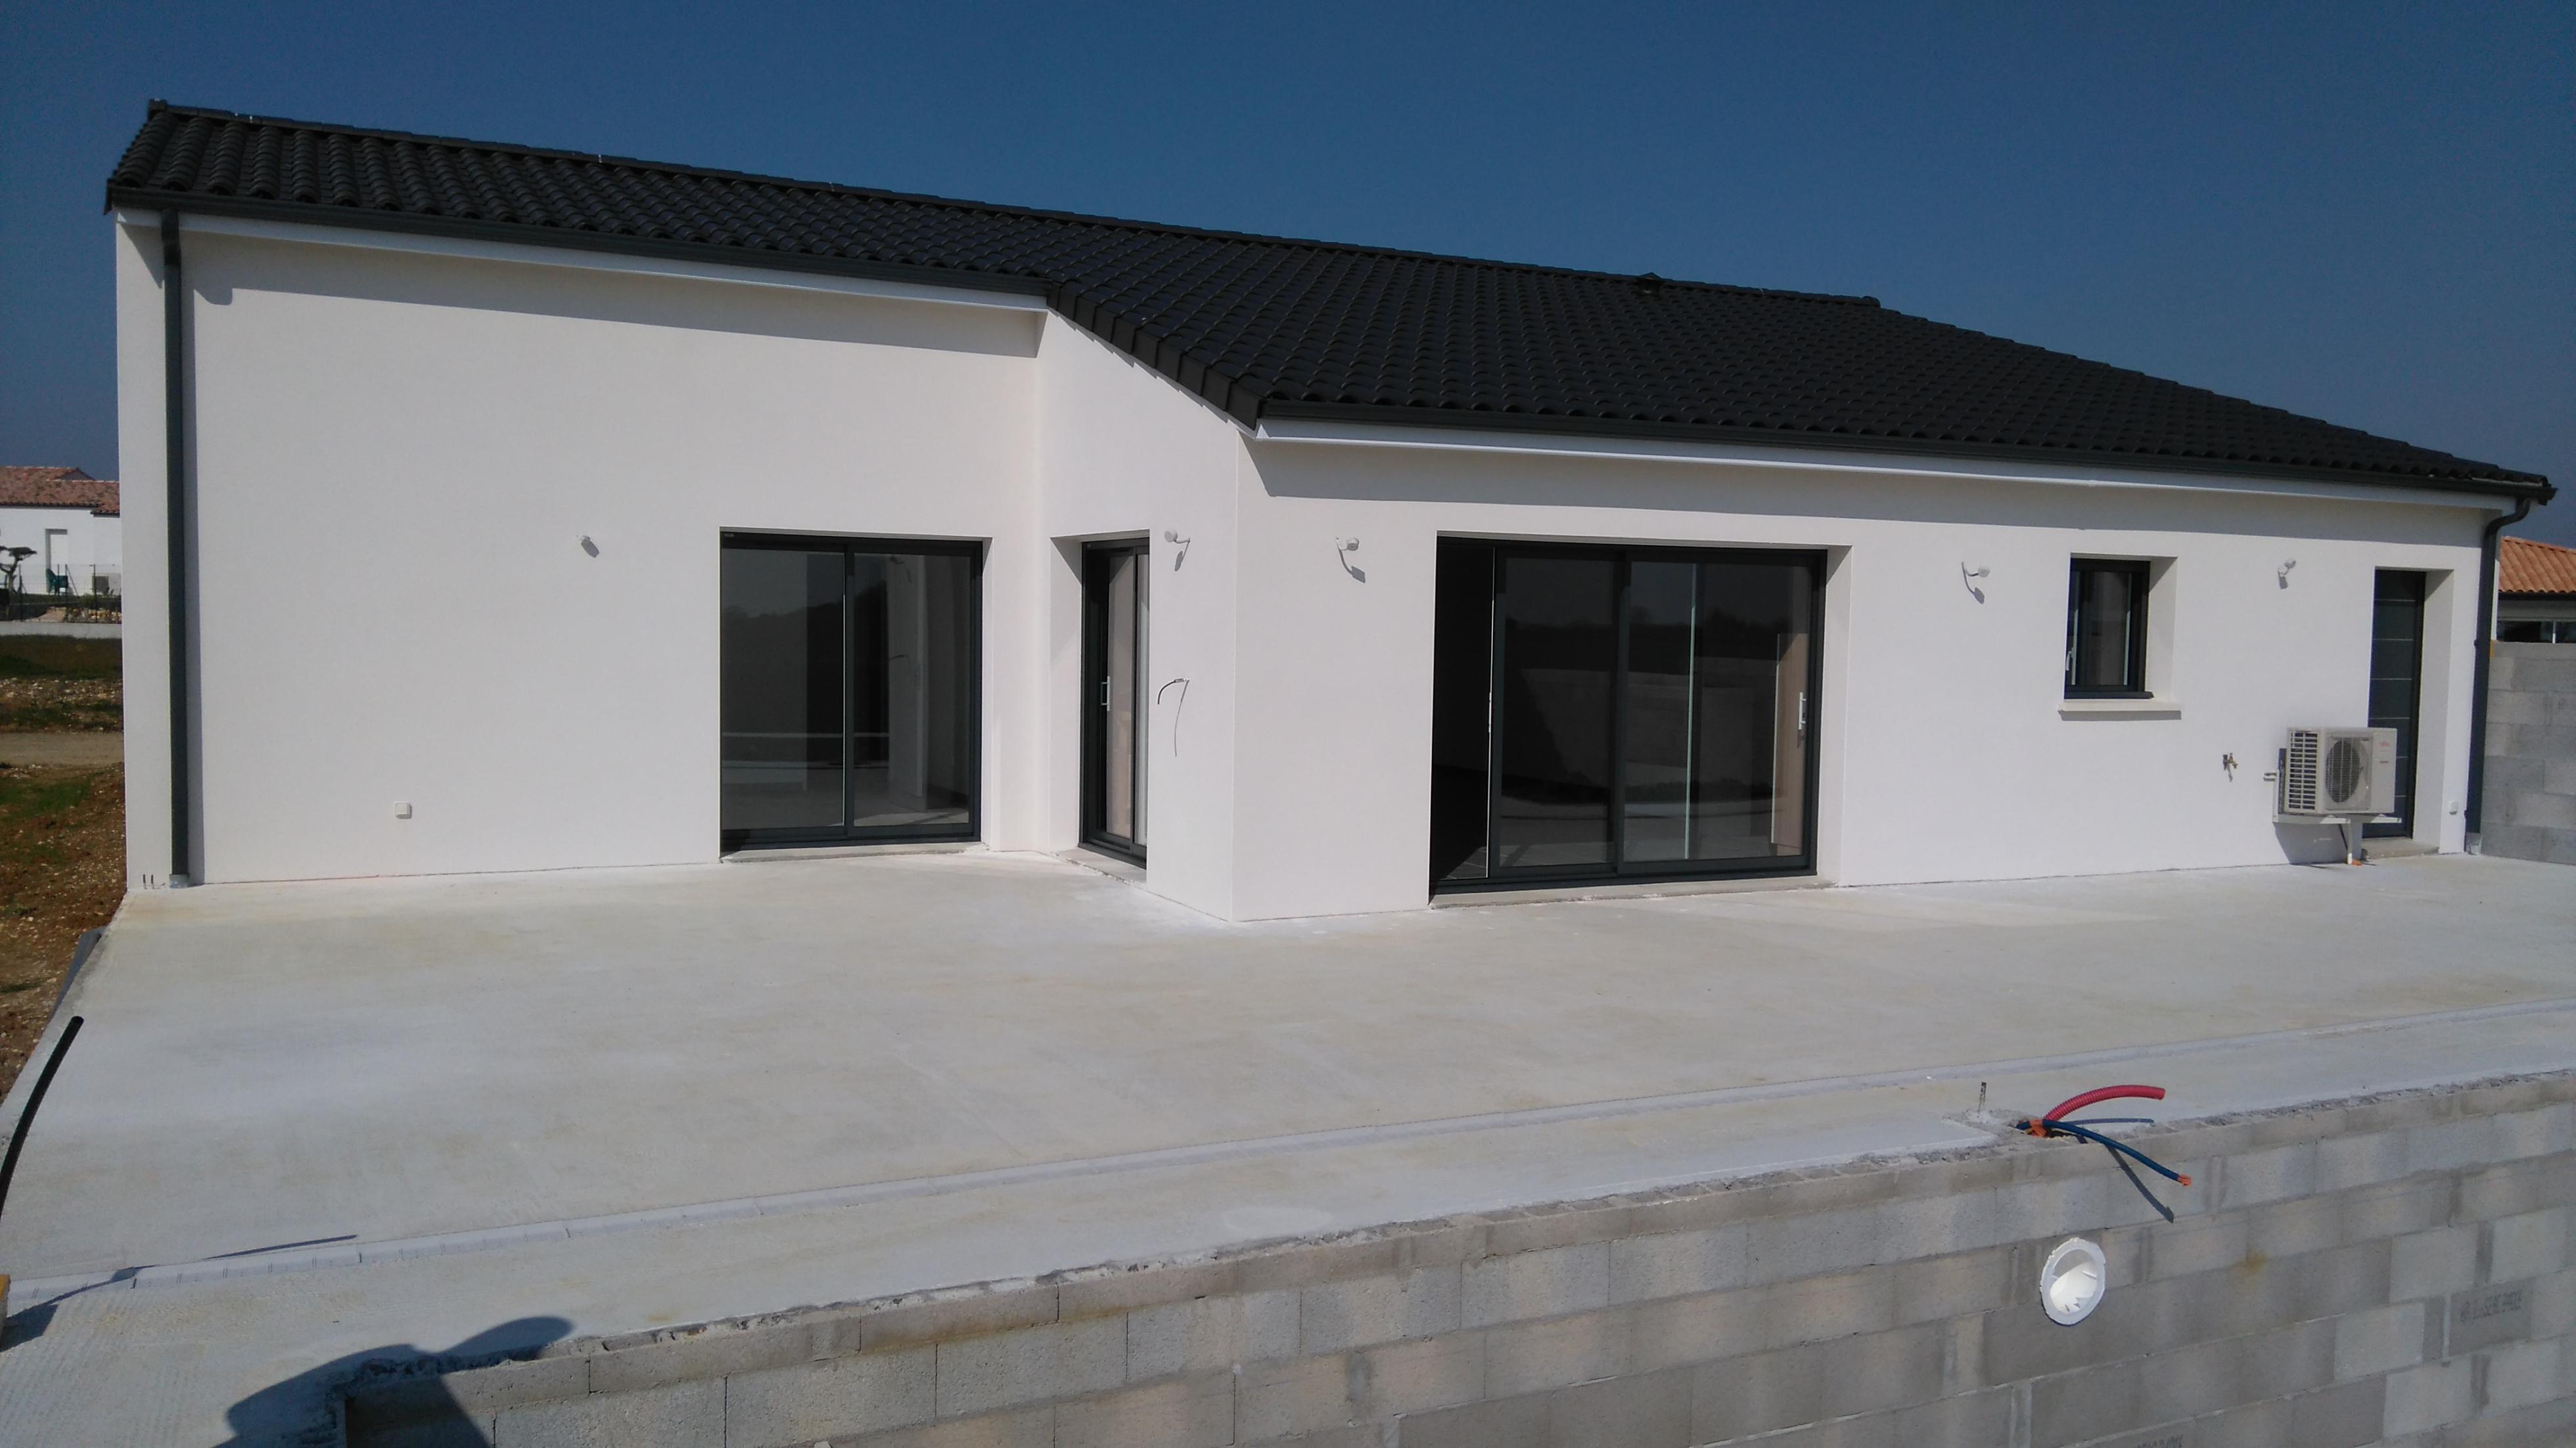 Maisons lara maisons lara for Constructeur maison individuelle 17000